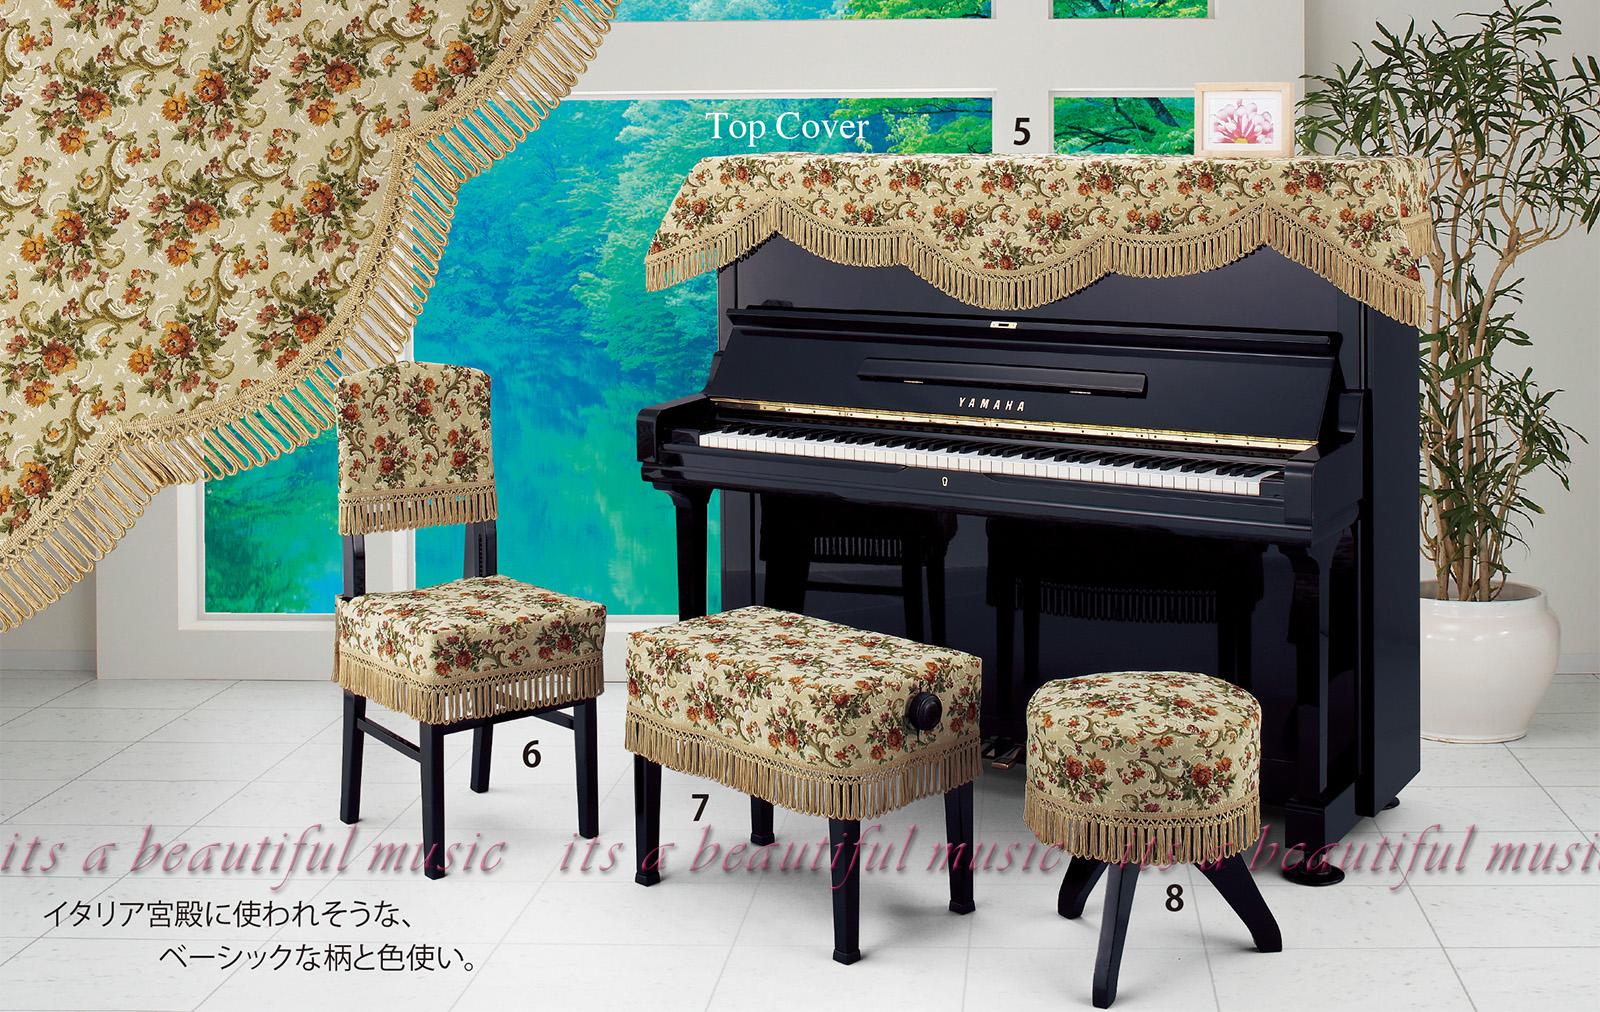 【its】アップライトピアノカバー(トップカバー)アルプスTG-68「イタリア製ゴブランを使った花柄」【フリーサイズ】(アルプスG68シリーズ)